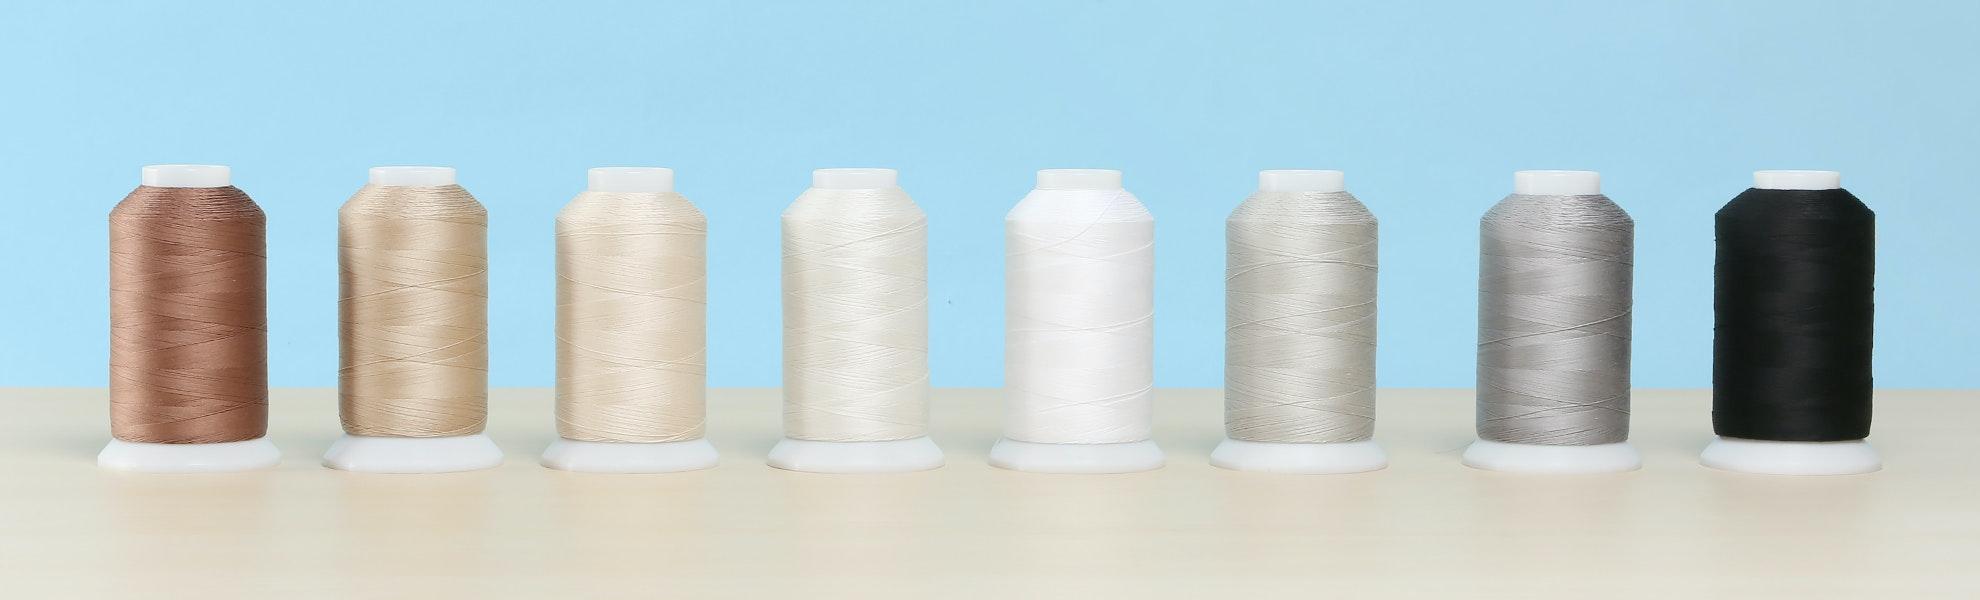 Superior Threads MasterPiece Cones (2-Pack)